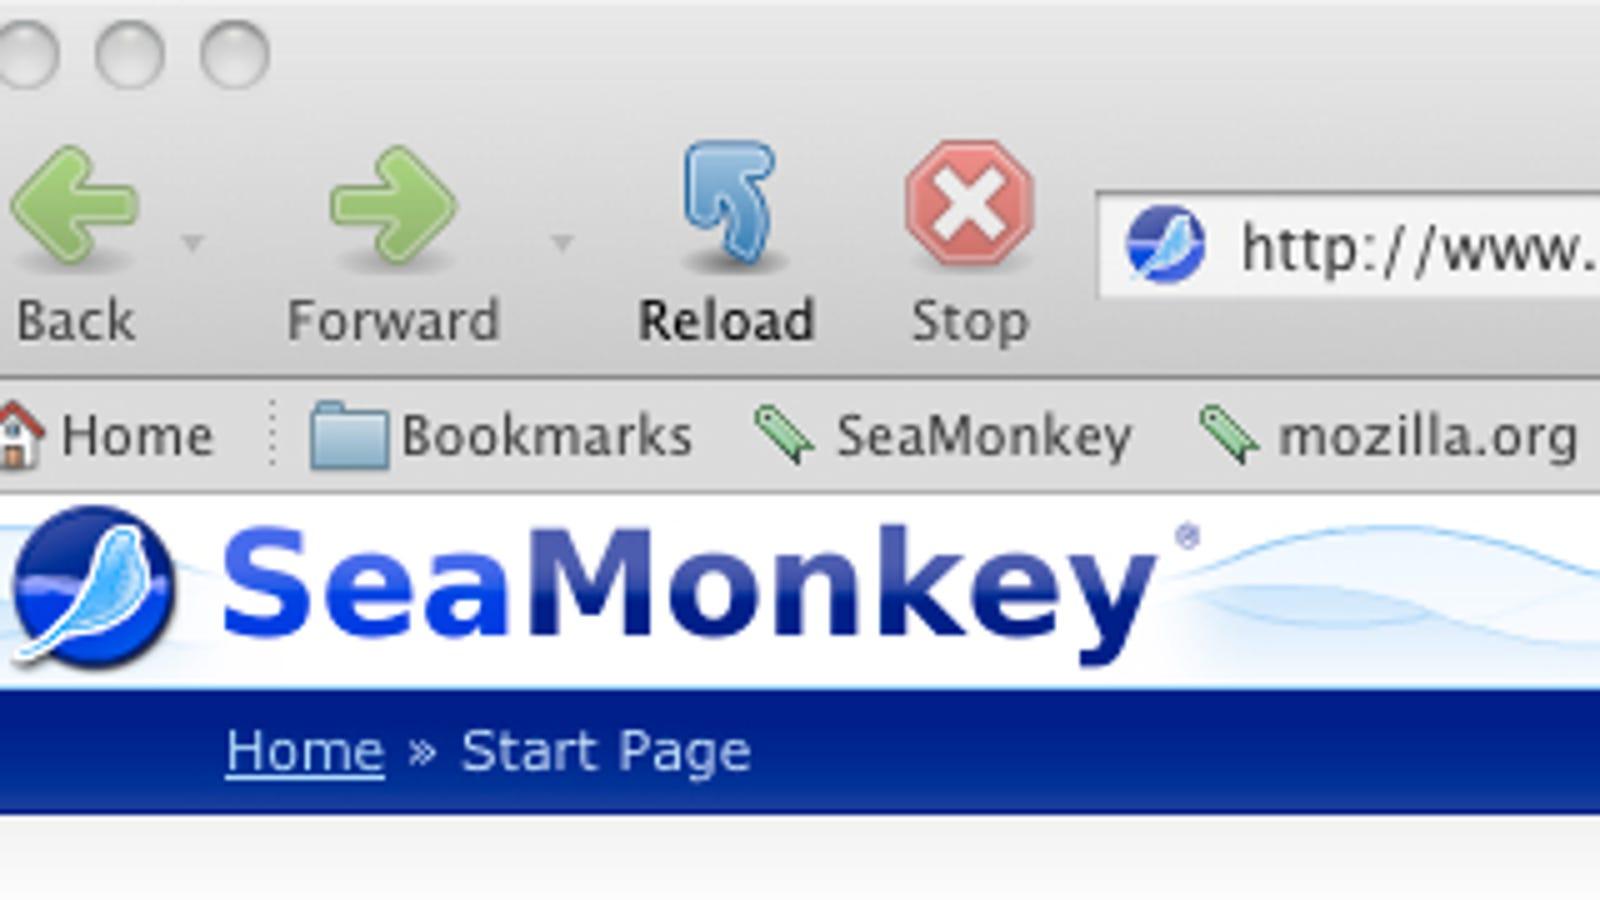 Mozilla SeaMonkey Updated to 2 0